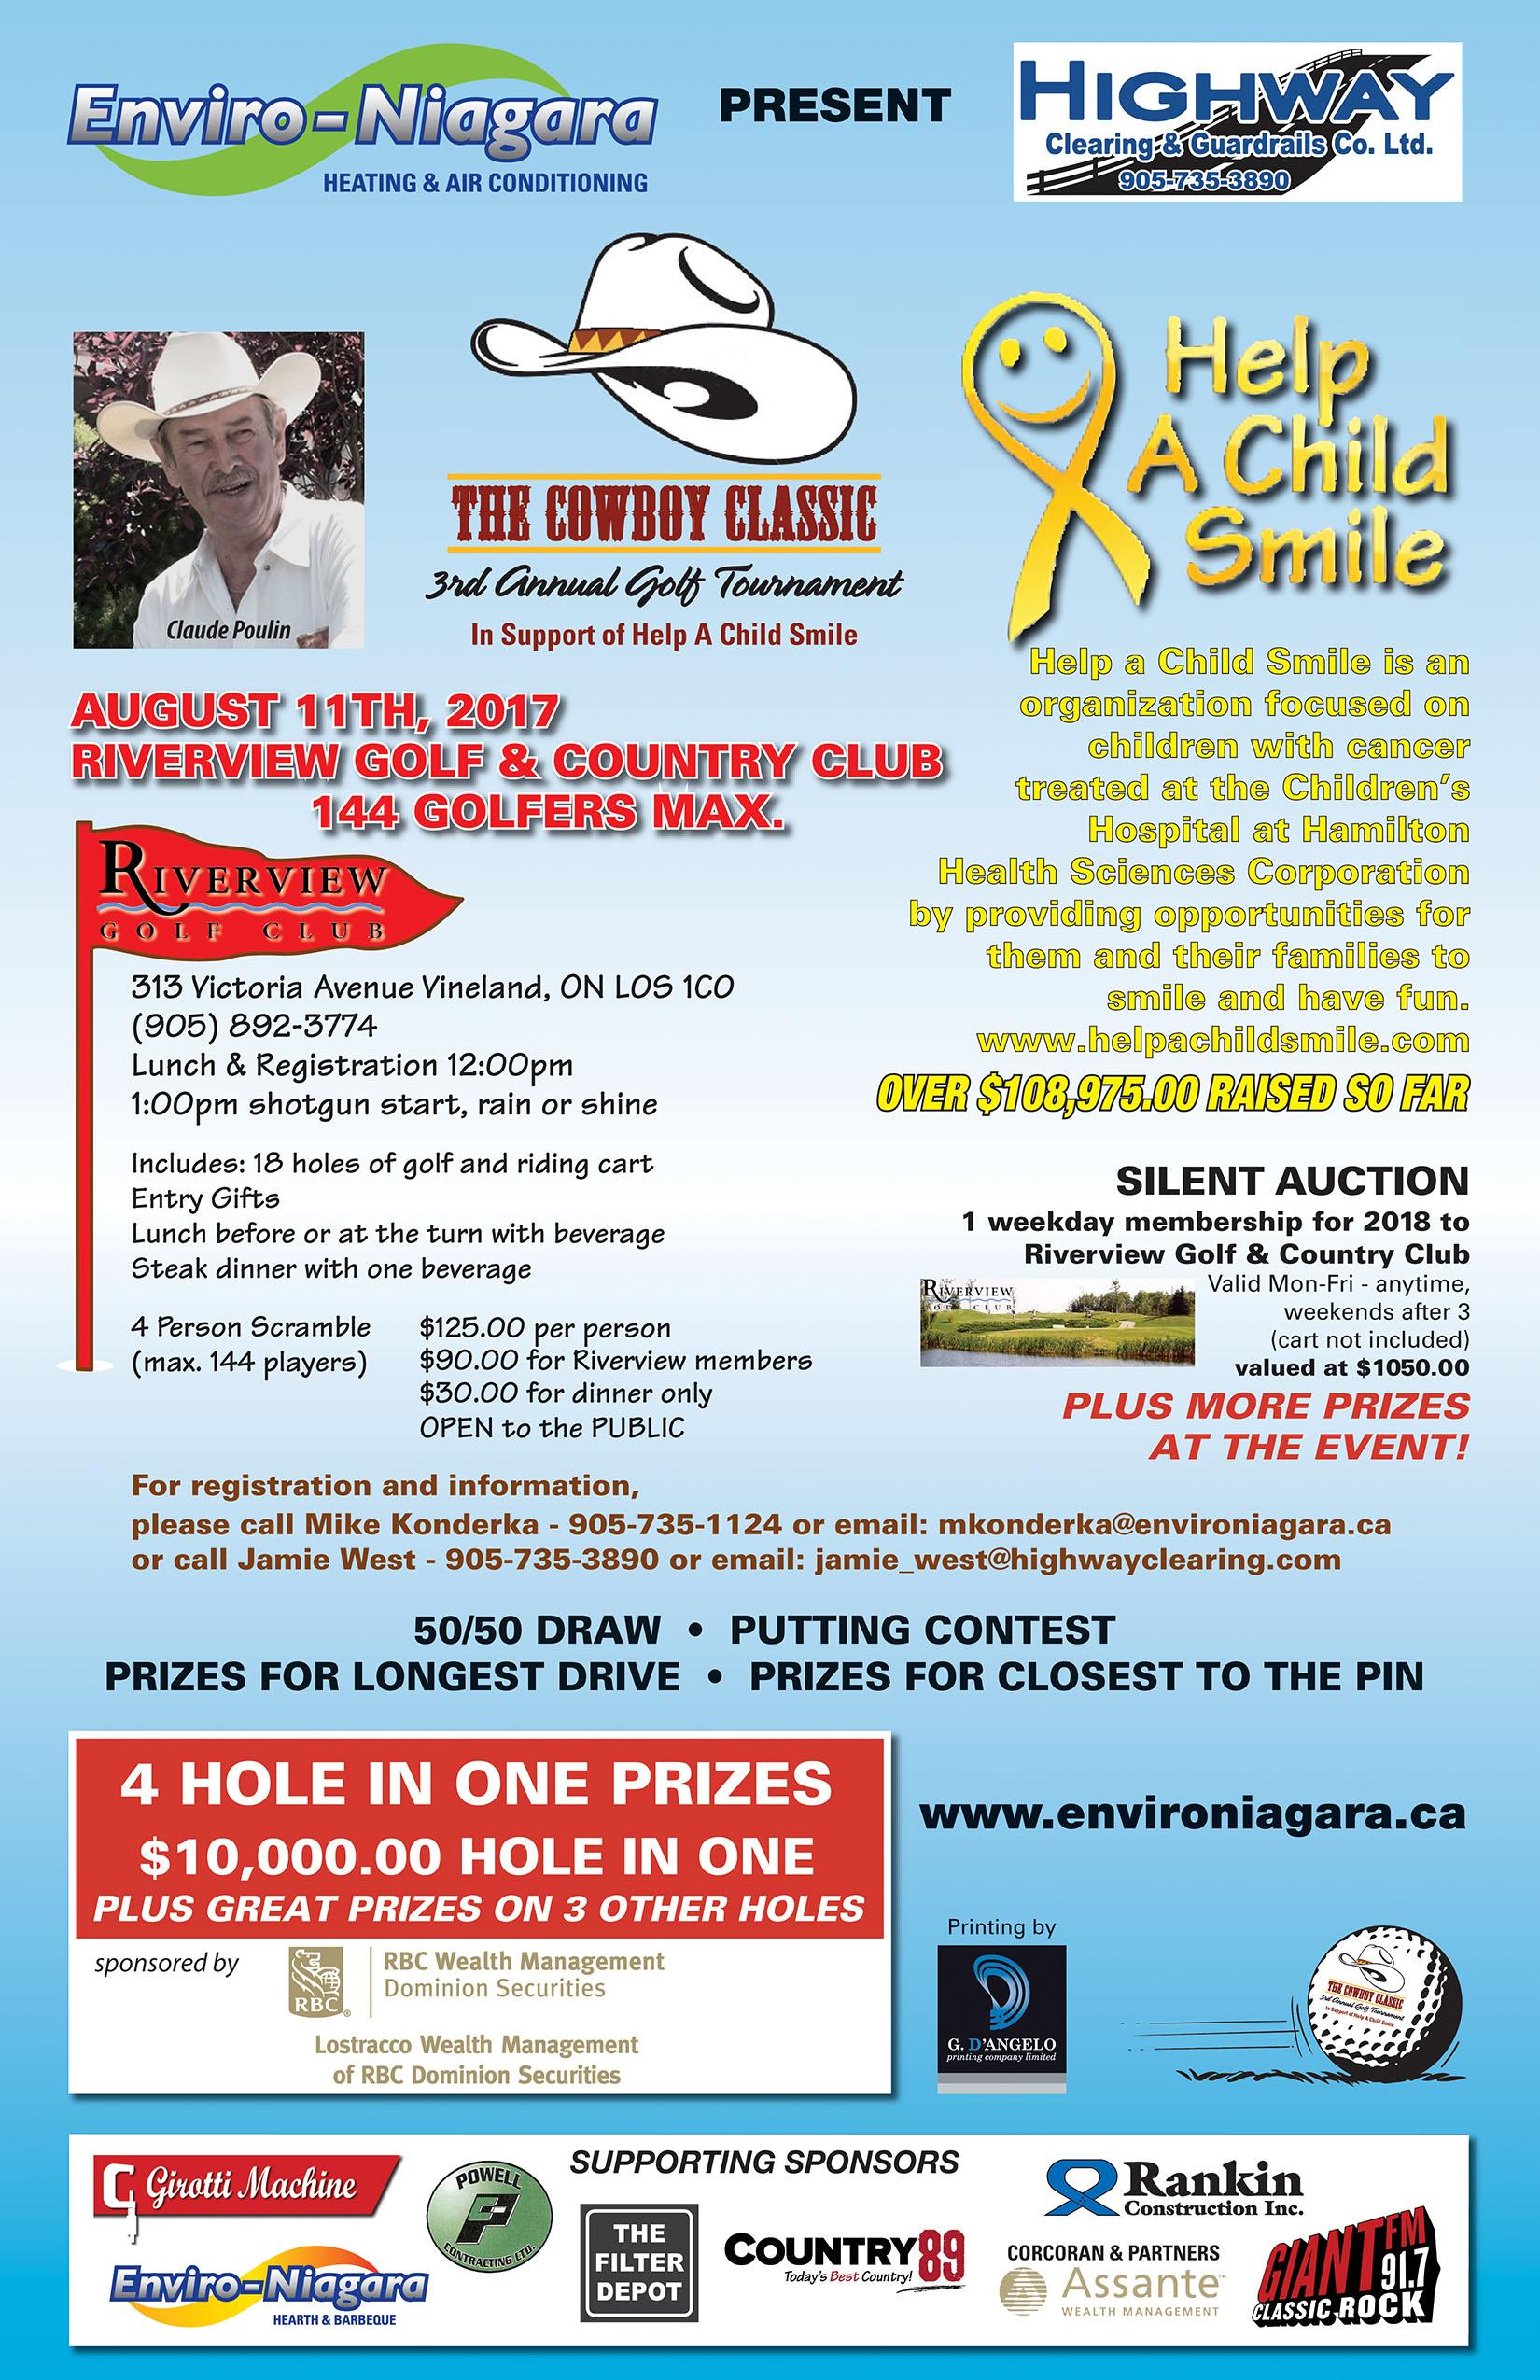 Enviro Niagara presents the 3rd Annual Cowboy Classic Golf Tournament